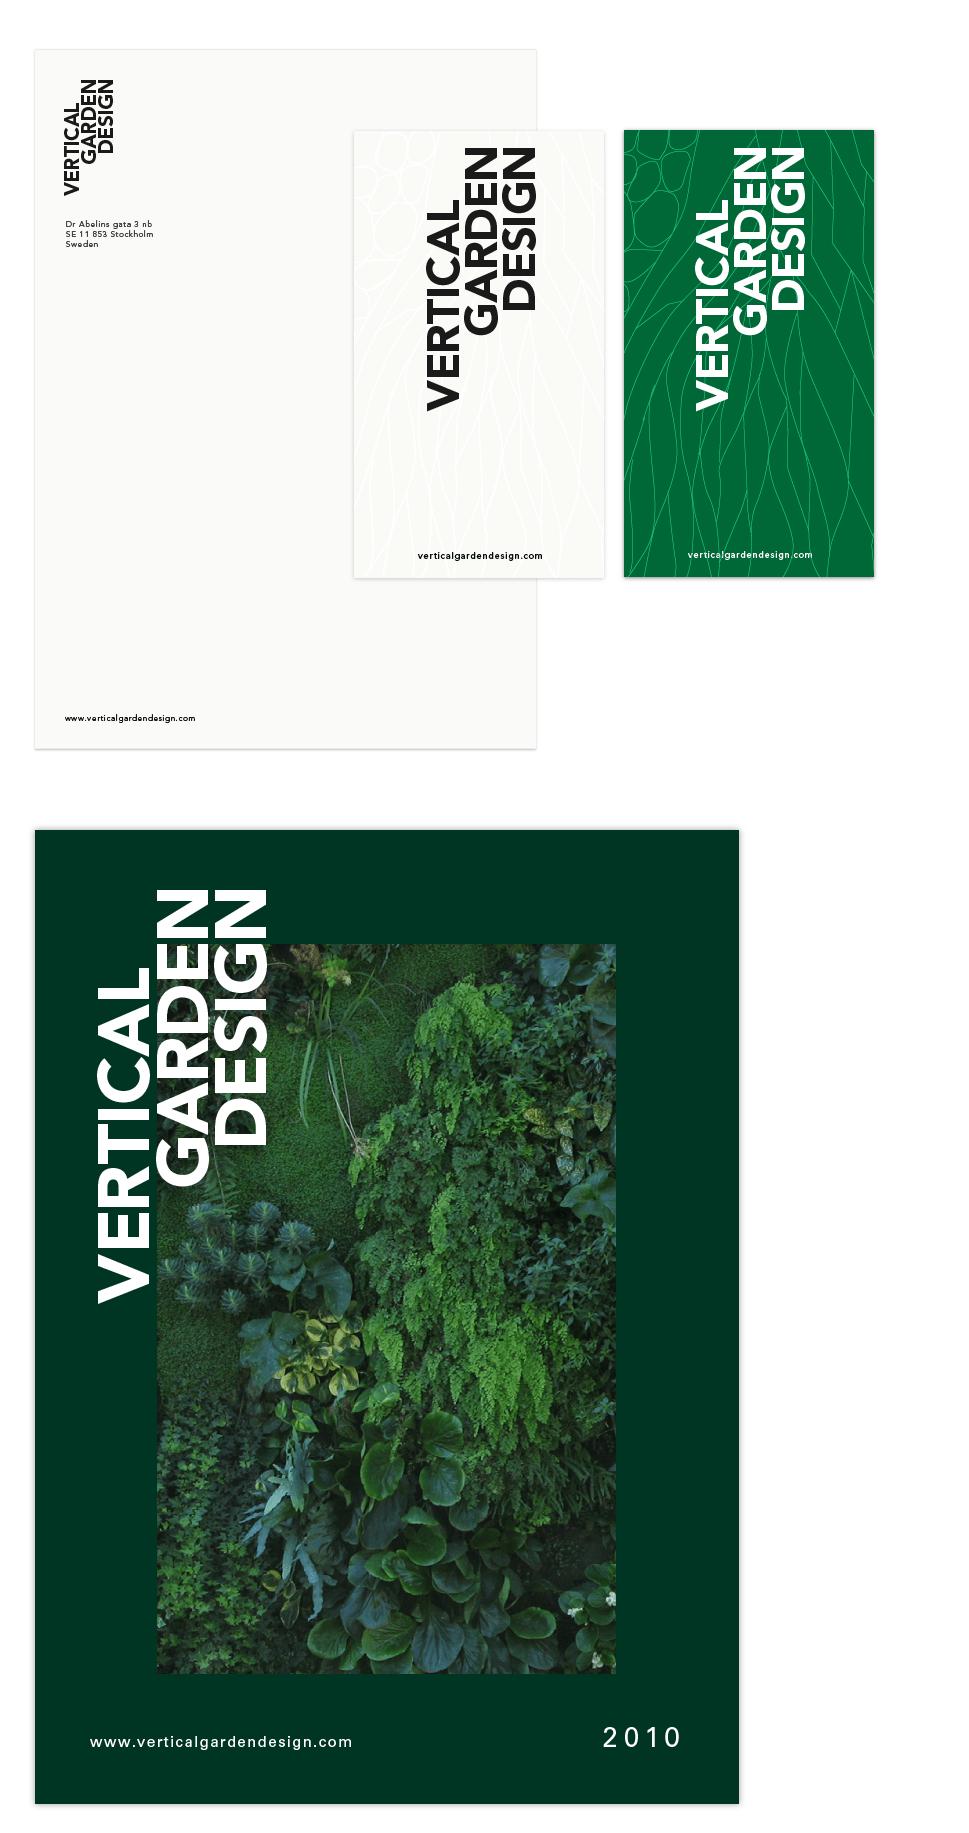 https://i0.wp.com/assets.area17.com/portfolio_medias/images/000/000/155/vertical_garden_design_id4_original.png